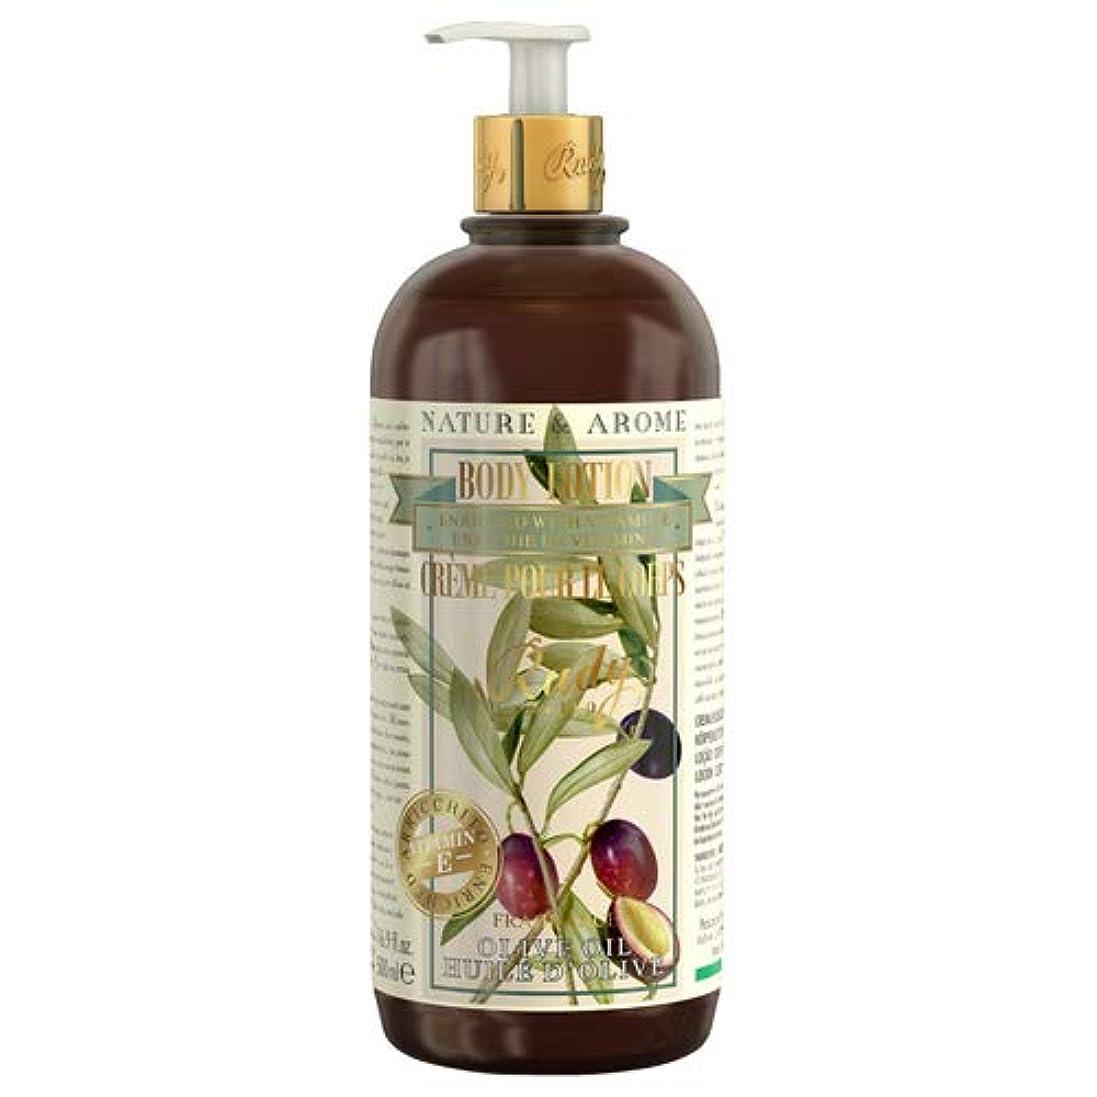 重なるシェーバー伝統的RUDY Nature&Arome Apothecary ネイチャーアロマ アポセカリー Body Lotion ボディローション Olive Oil オリーブオイル